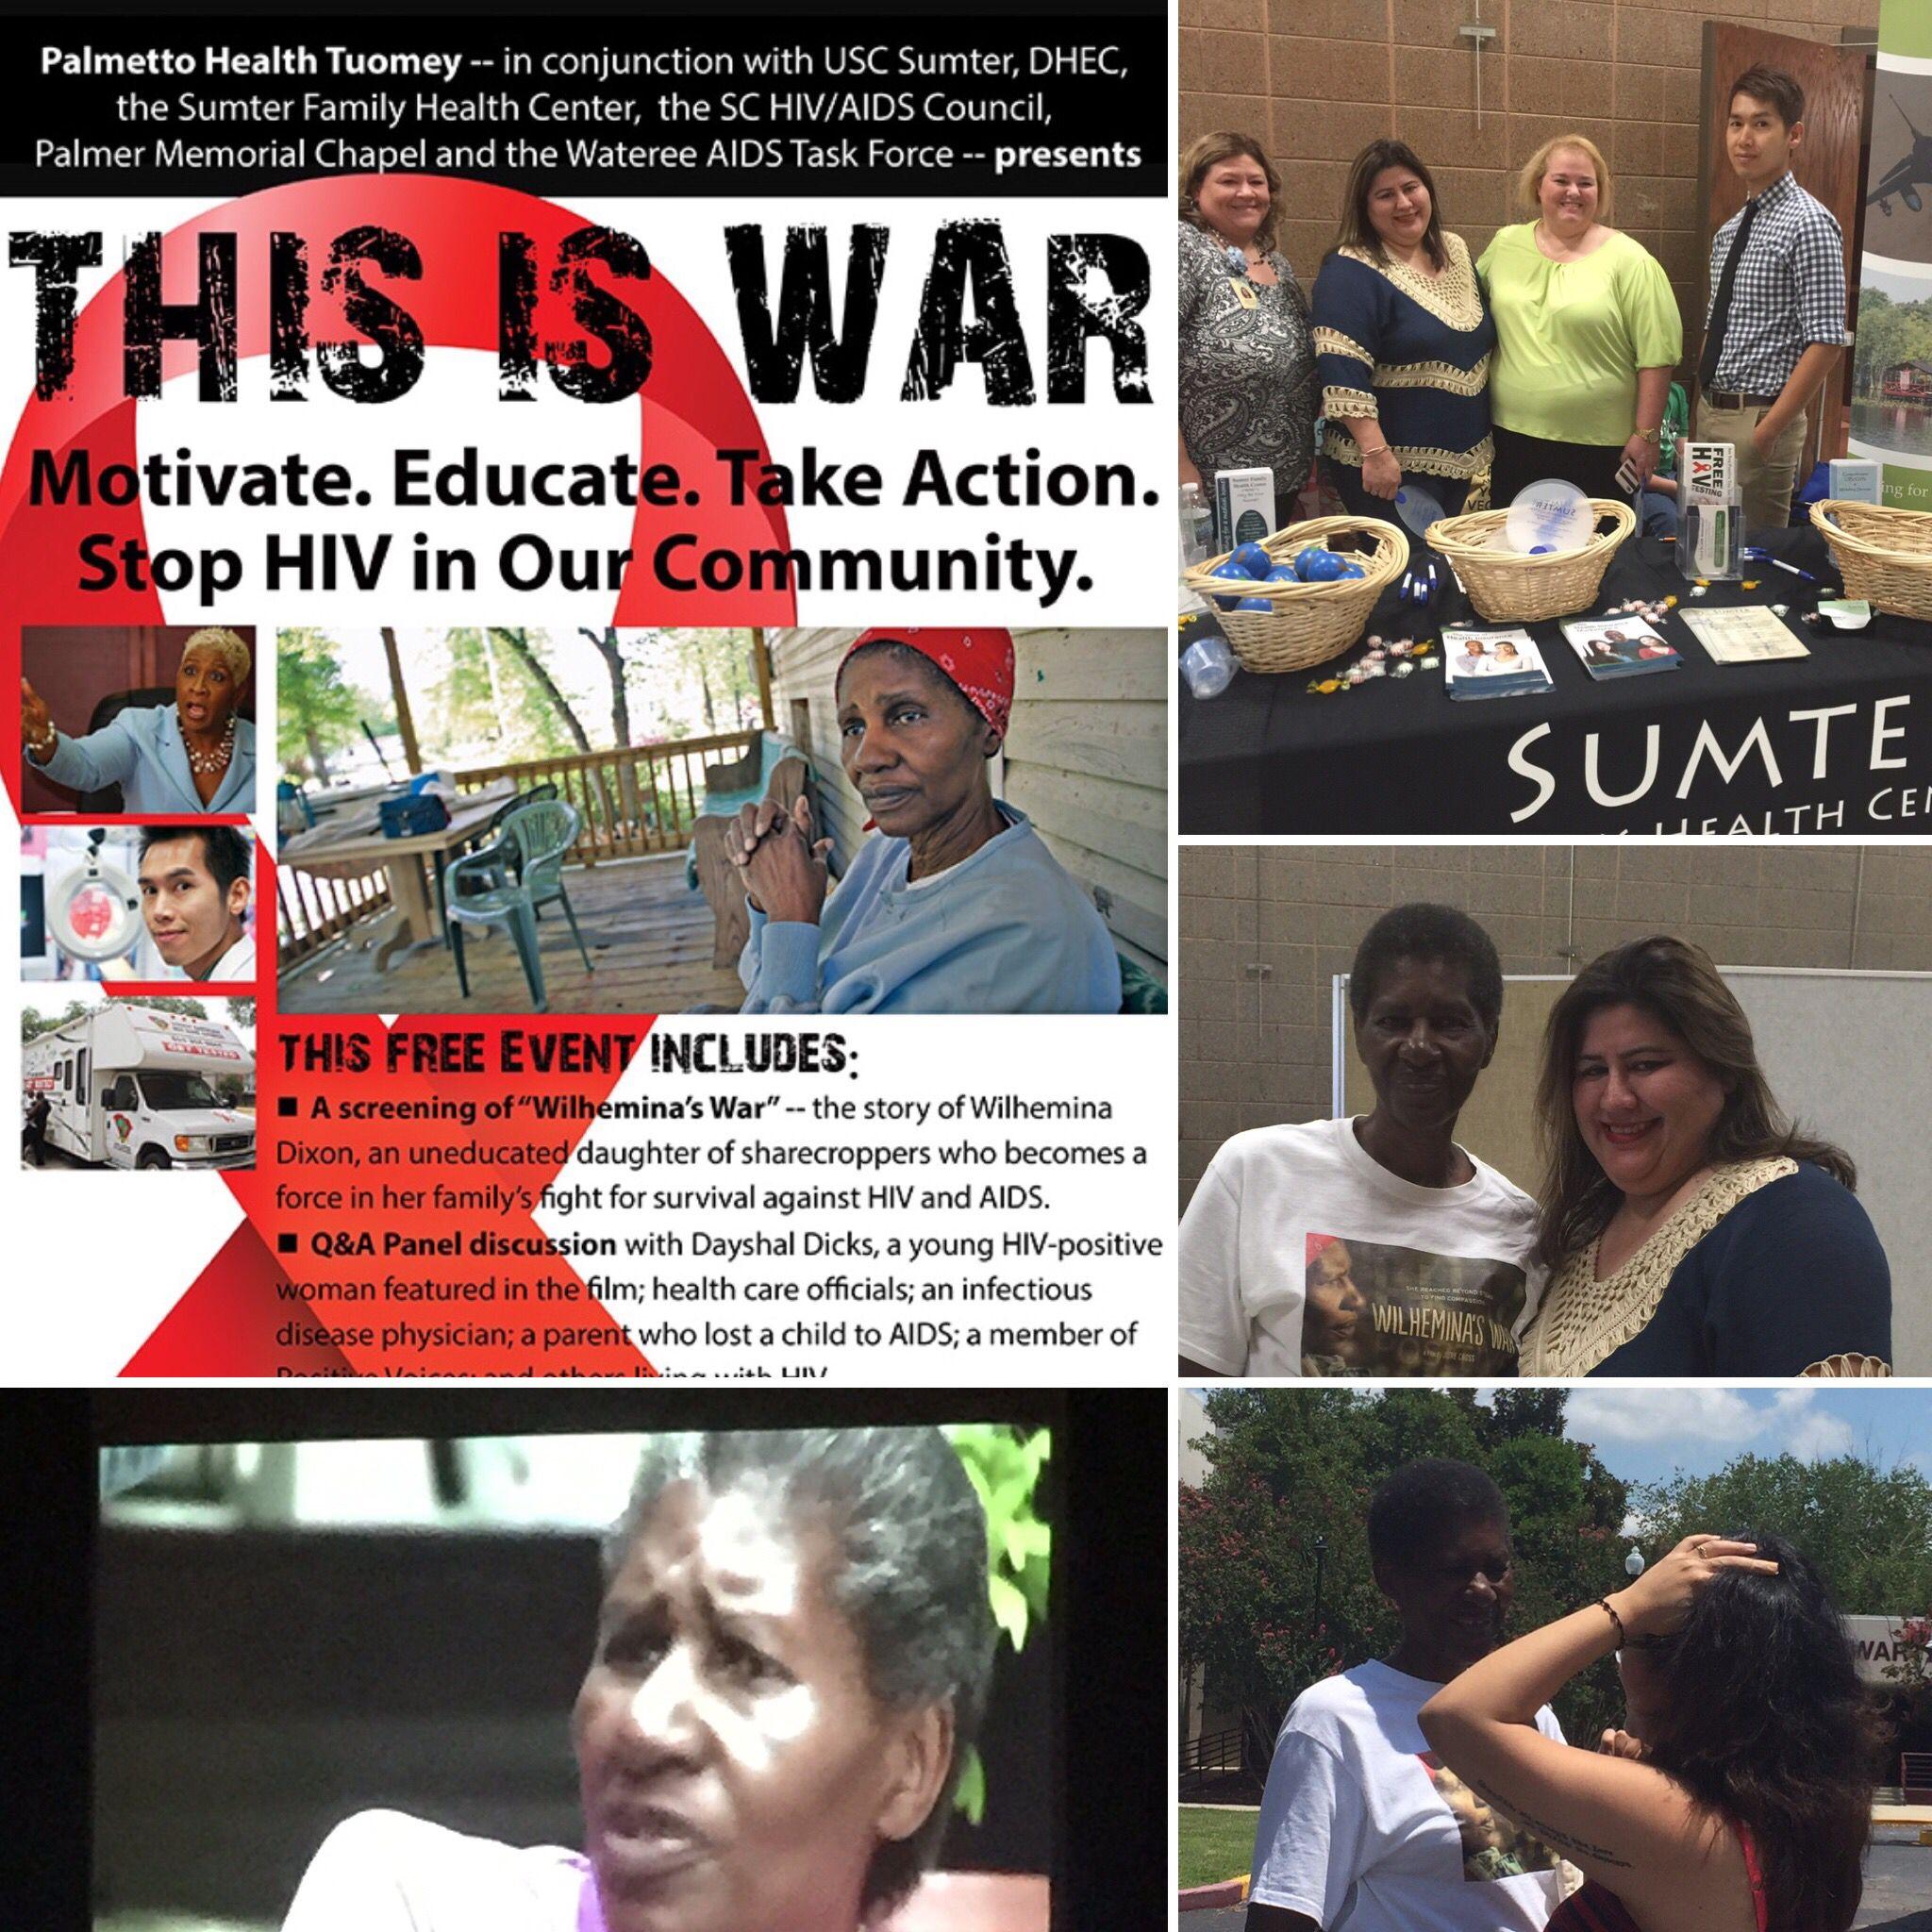 Wilhelmina War Work Friends Family Health Free Event